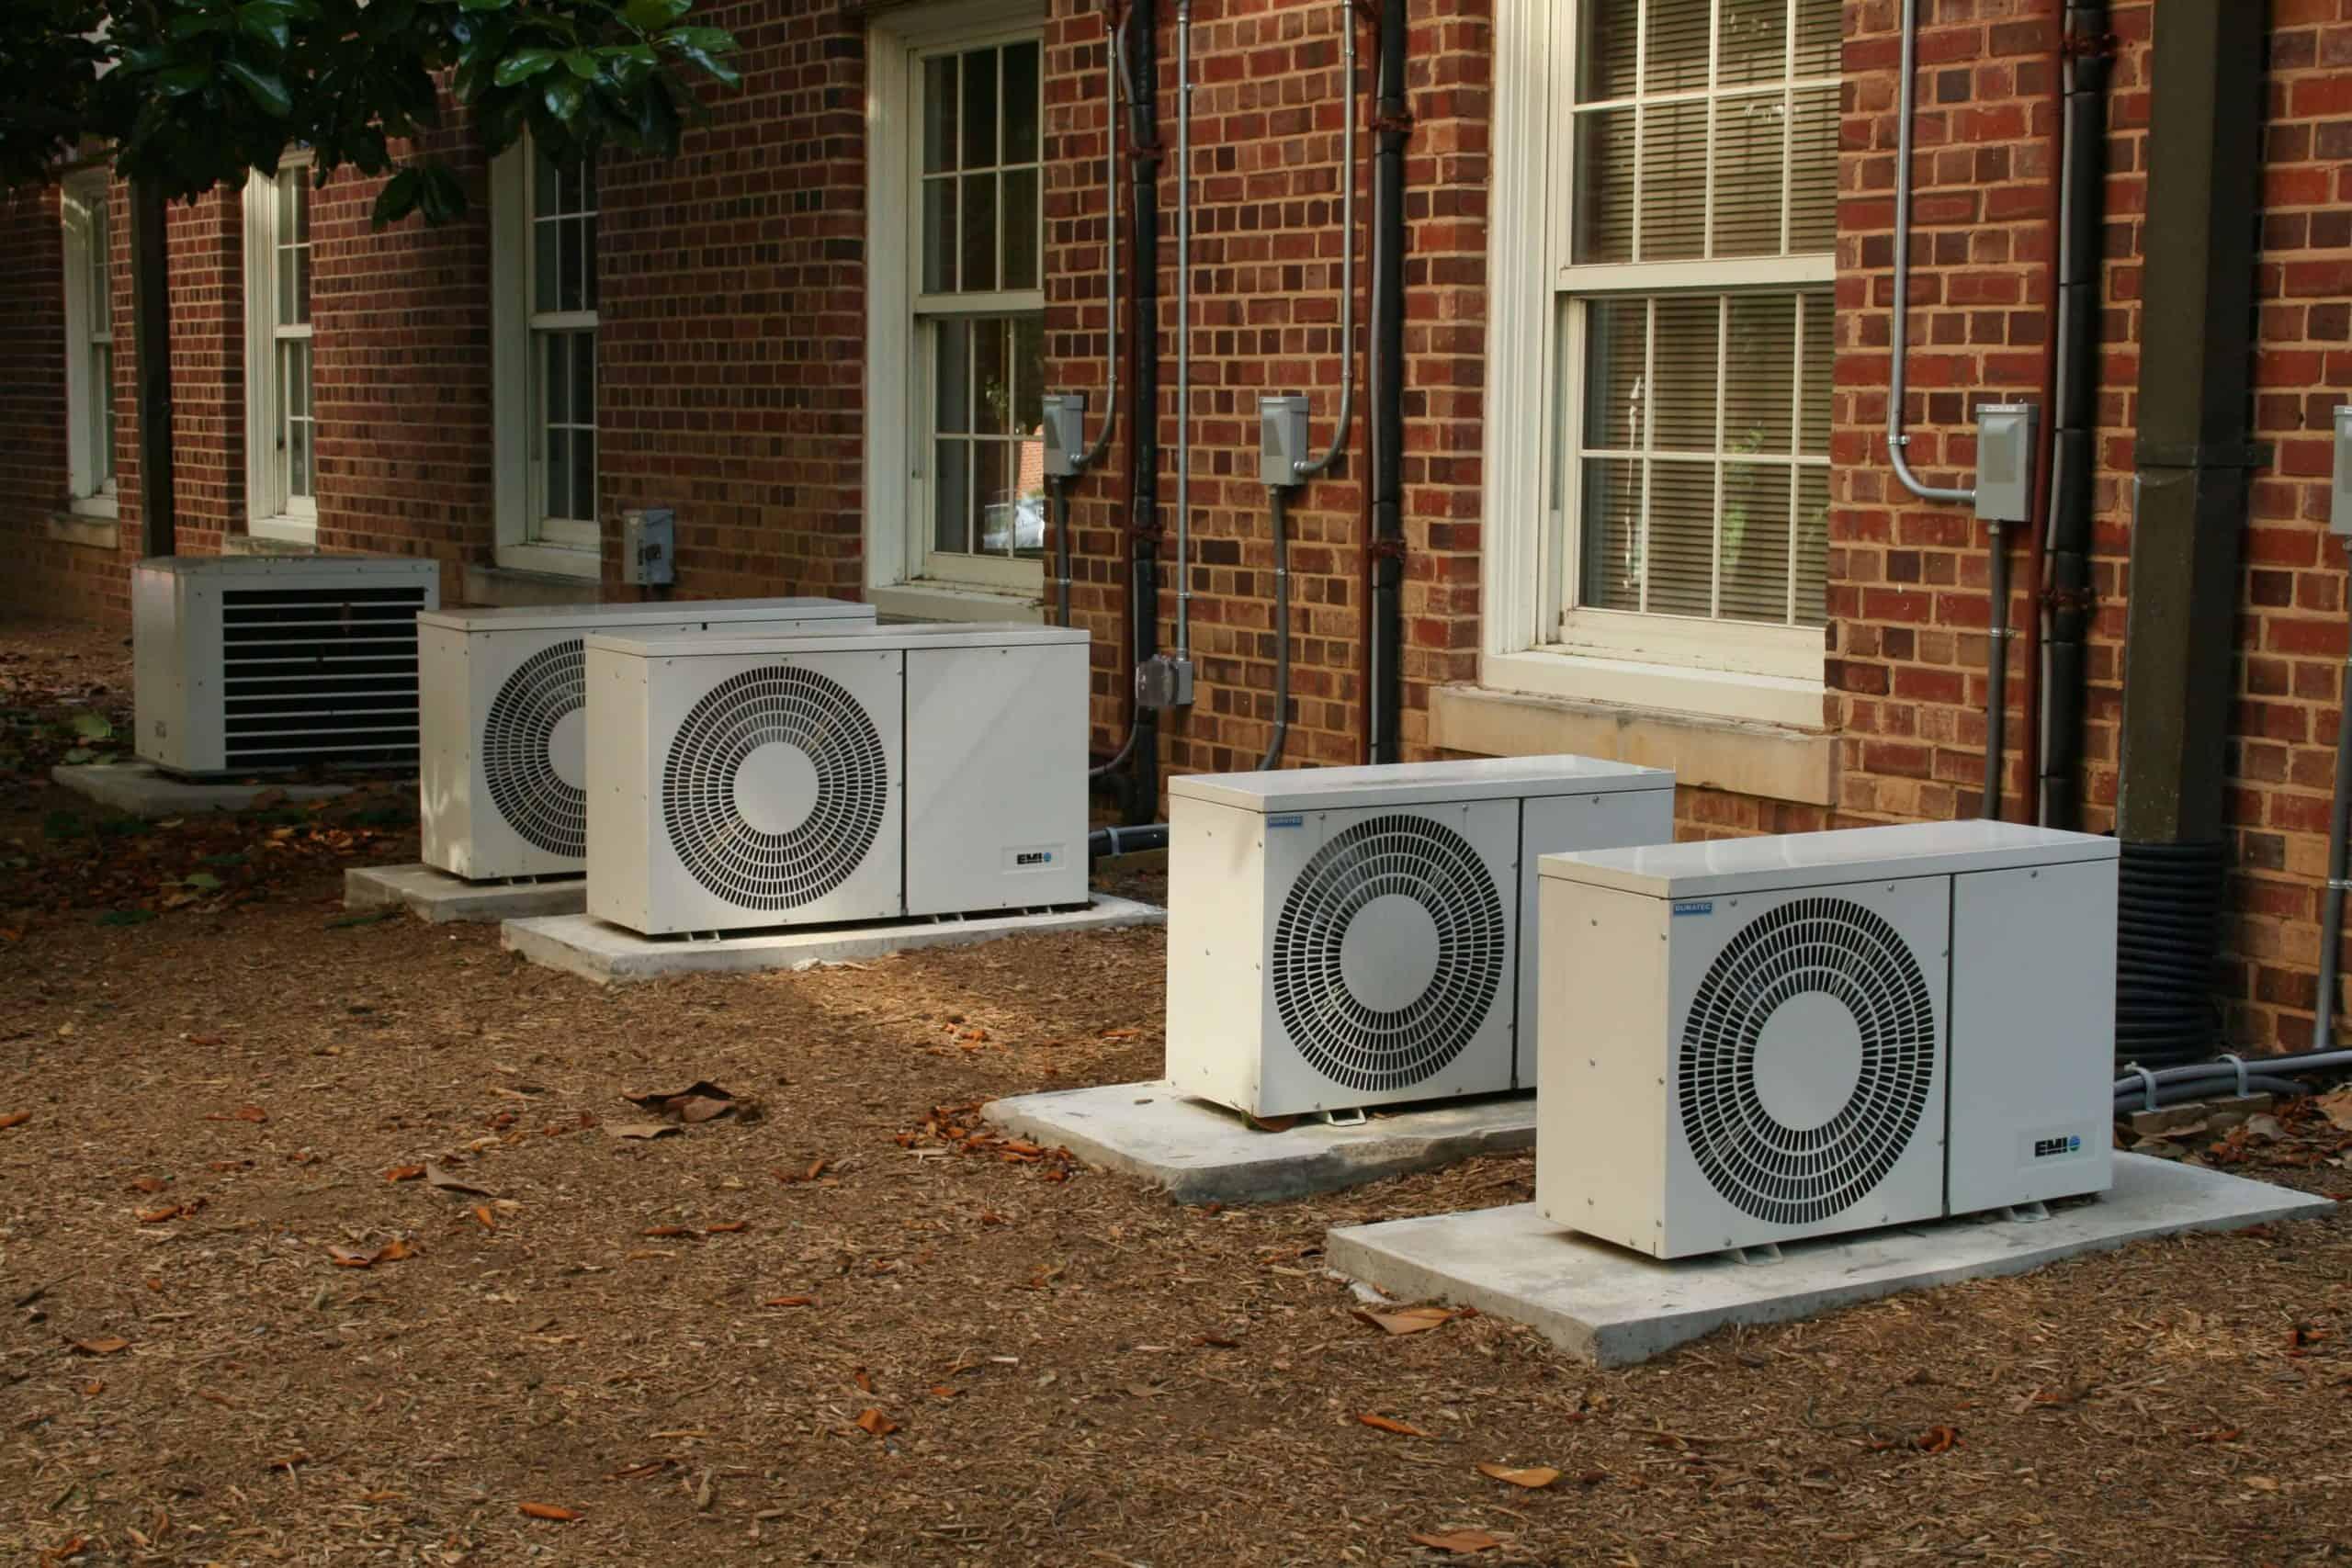 mini-split air conditioner outside